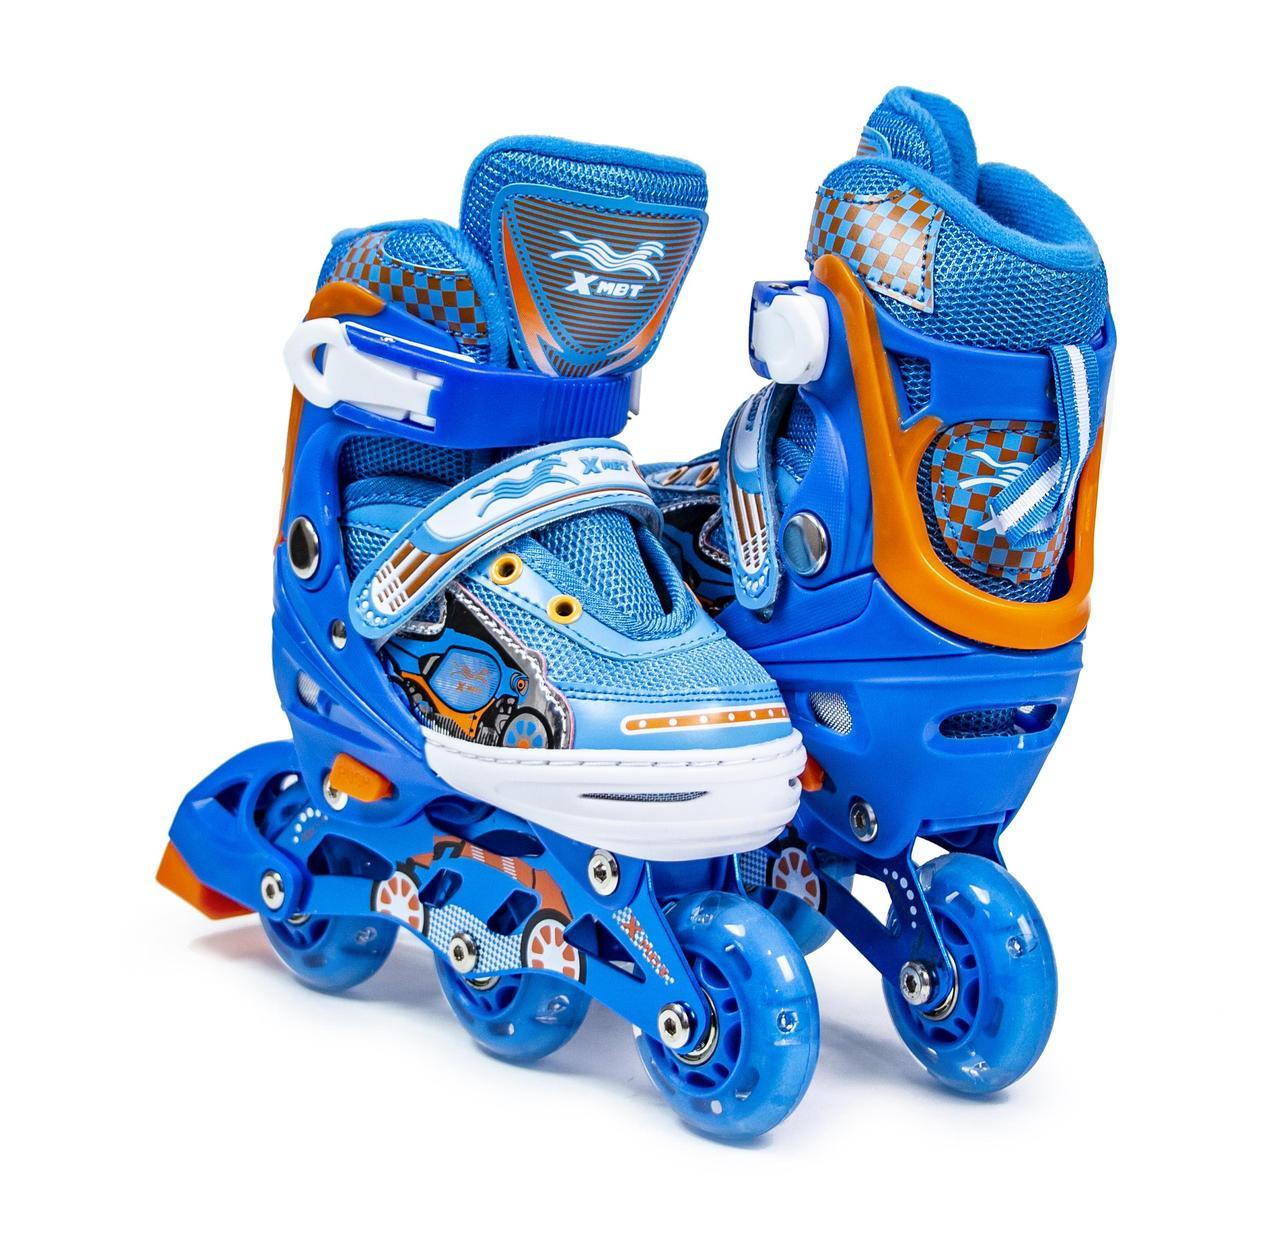 Ролики детские Xmbt размер 27-30 Синие, колеса со светом